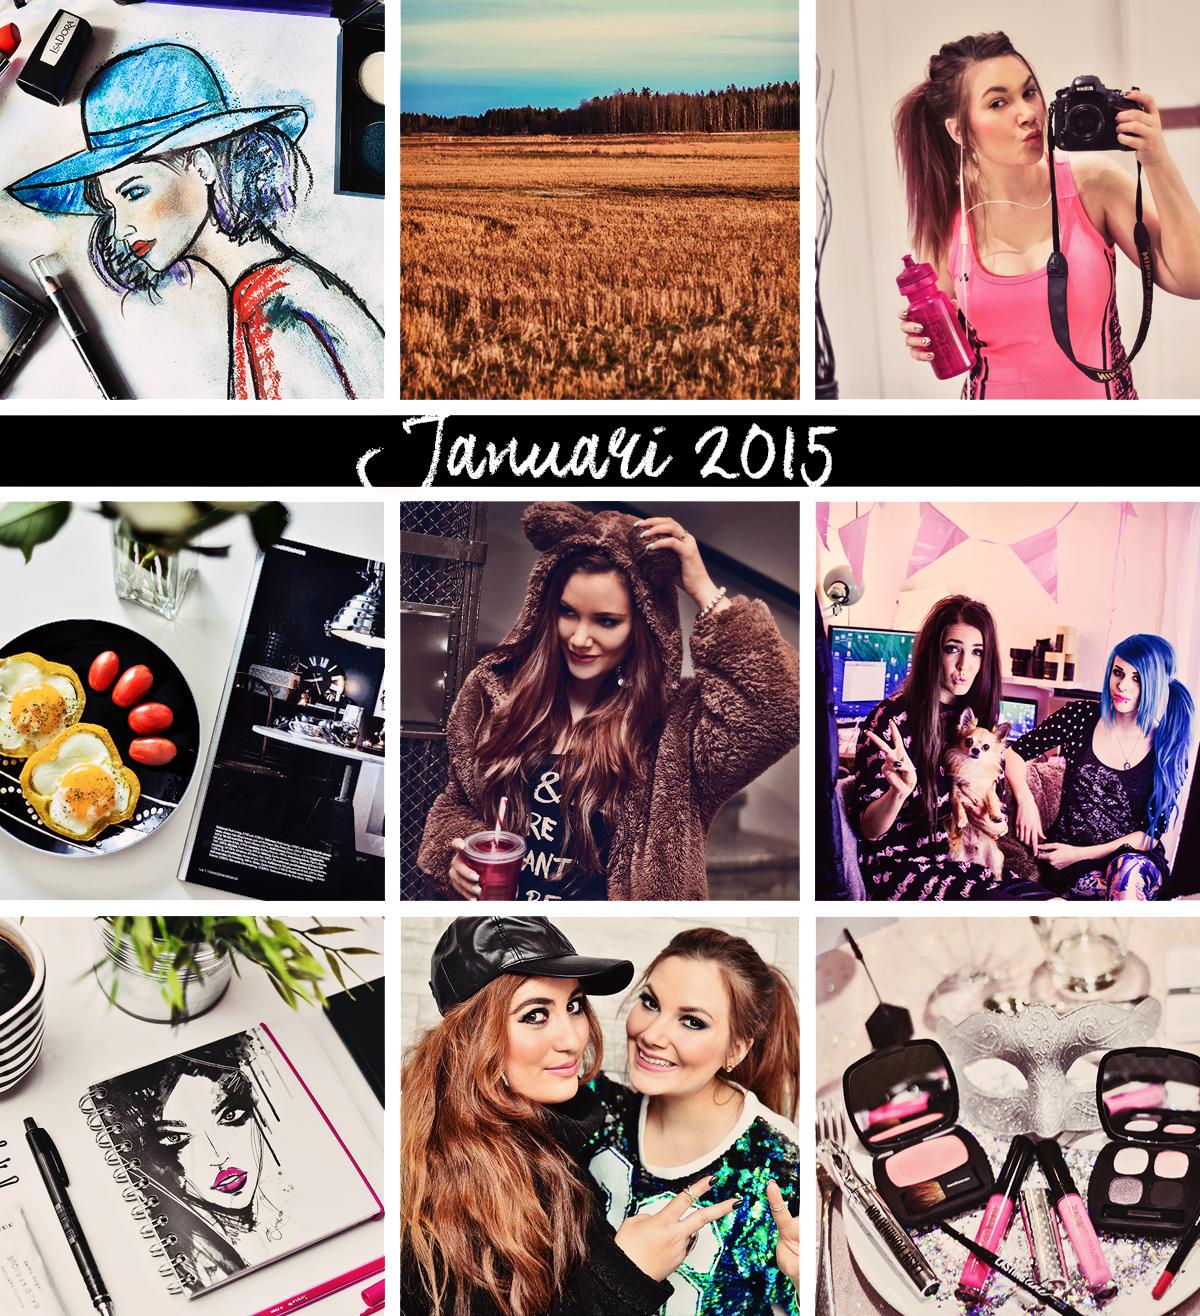 Årsresumé - Januari 2015